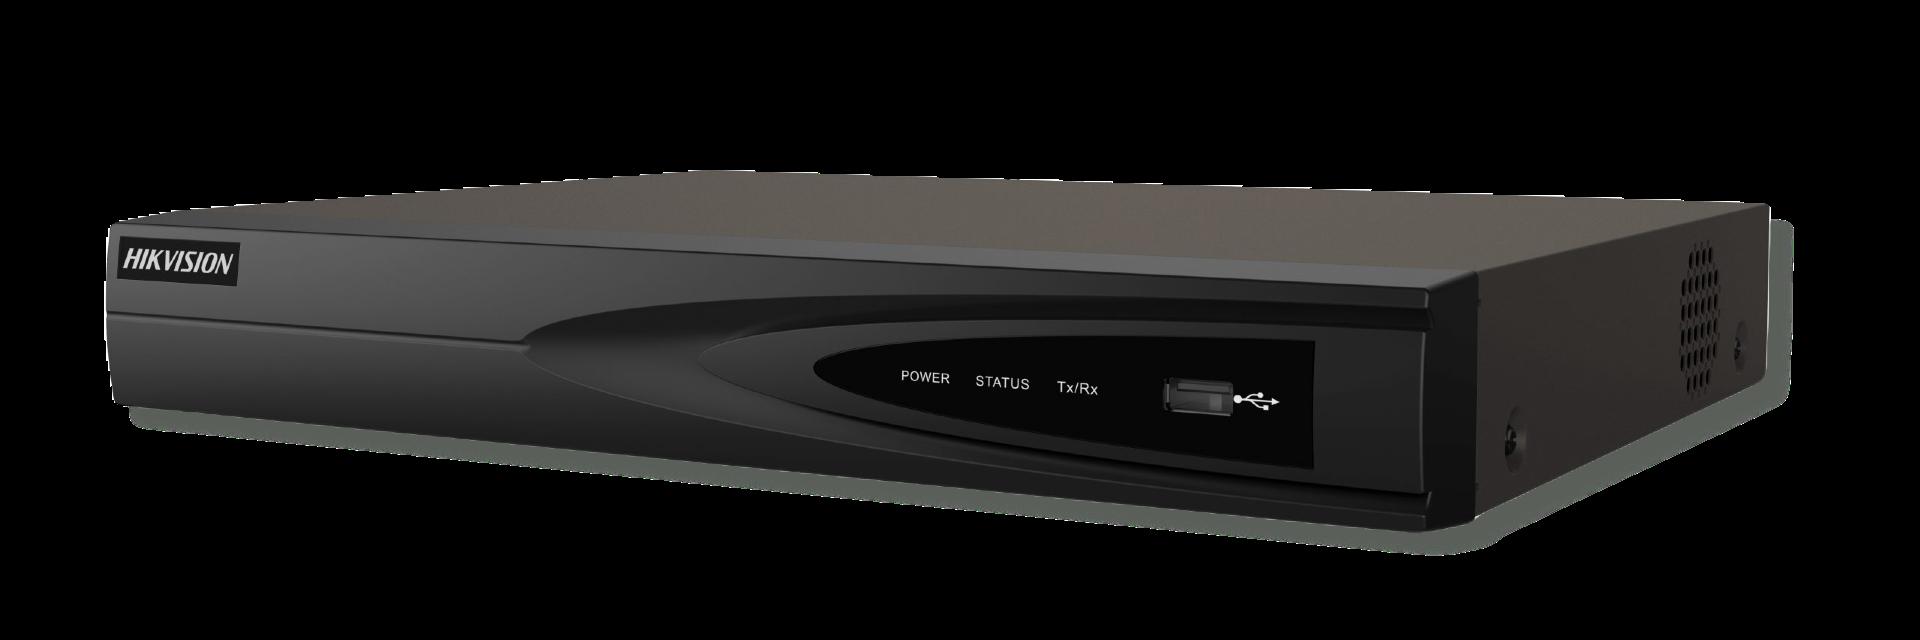 Questo registratore / NVR ha: - 4 canali - 4 porte POE - 1 connessione Sata per HDD da 3,5 pollici fino a 6 TB - Supporto H.265 - App Hik-Connect scaricabile - Connessione HDMI